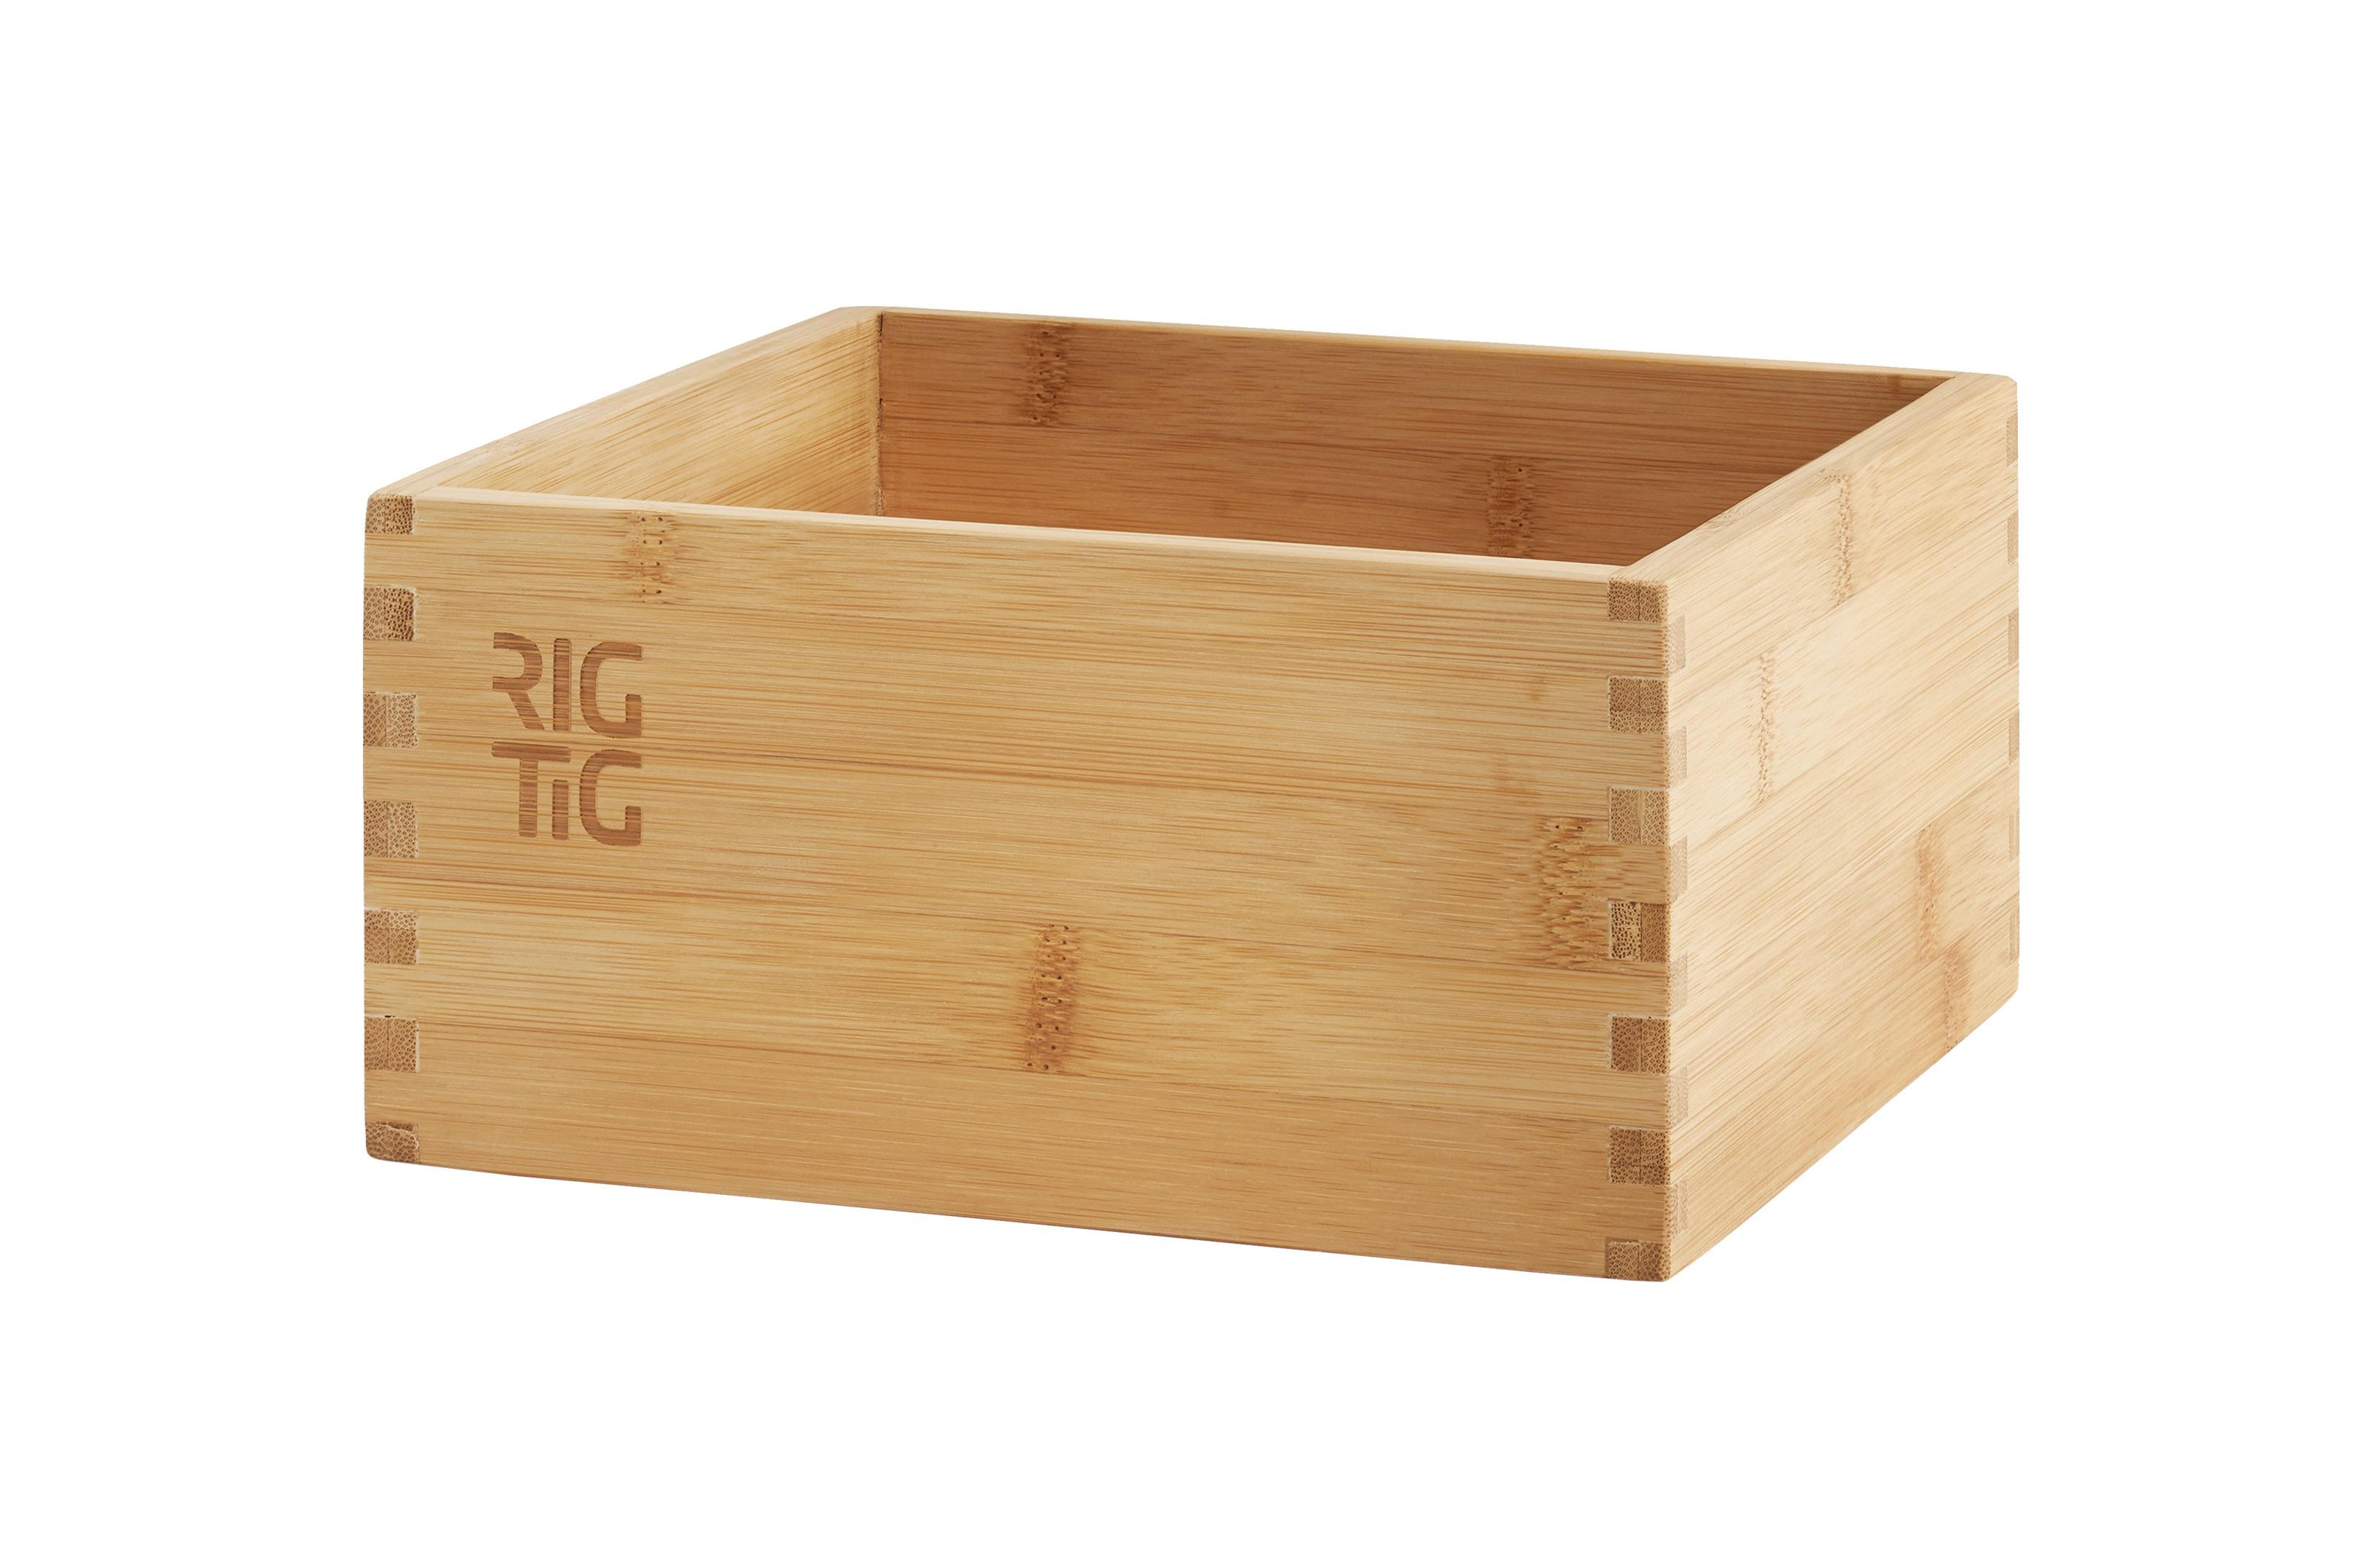 Ящик для хранения WOODSTOCKЕмкости для хранения<br>Ящик для хранения WOODSTOCK сможет привнести на Вашу кухню элемент уюта. Ящик можно использовать несколькими способами: как подставку для специй и дозаторов с маслом на столе, как ящик для хранения кухонных мелочей на кухонном шкафу, как место для хранения фруктов/овощей. Дизайнер: &amp;amp;nbsp;RIG-TIG. Коллекция: WOODSTOCK.<br><br>Material: Дерево<br>Ширина см: 22<br>Высота см: 10<br>Глубина см: 22